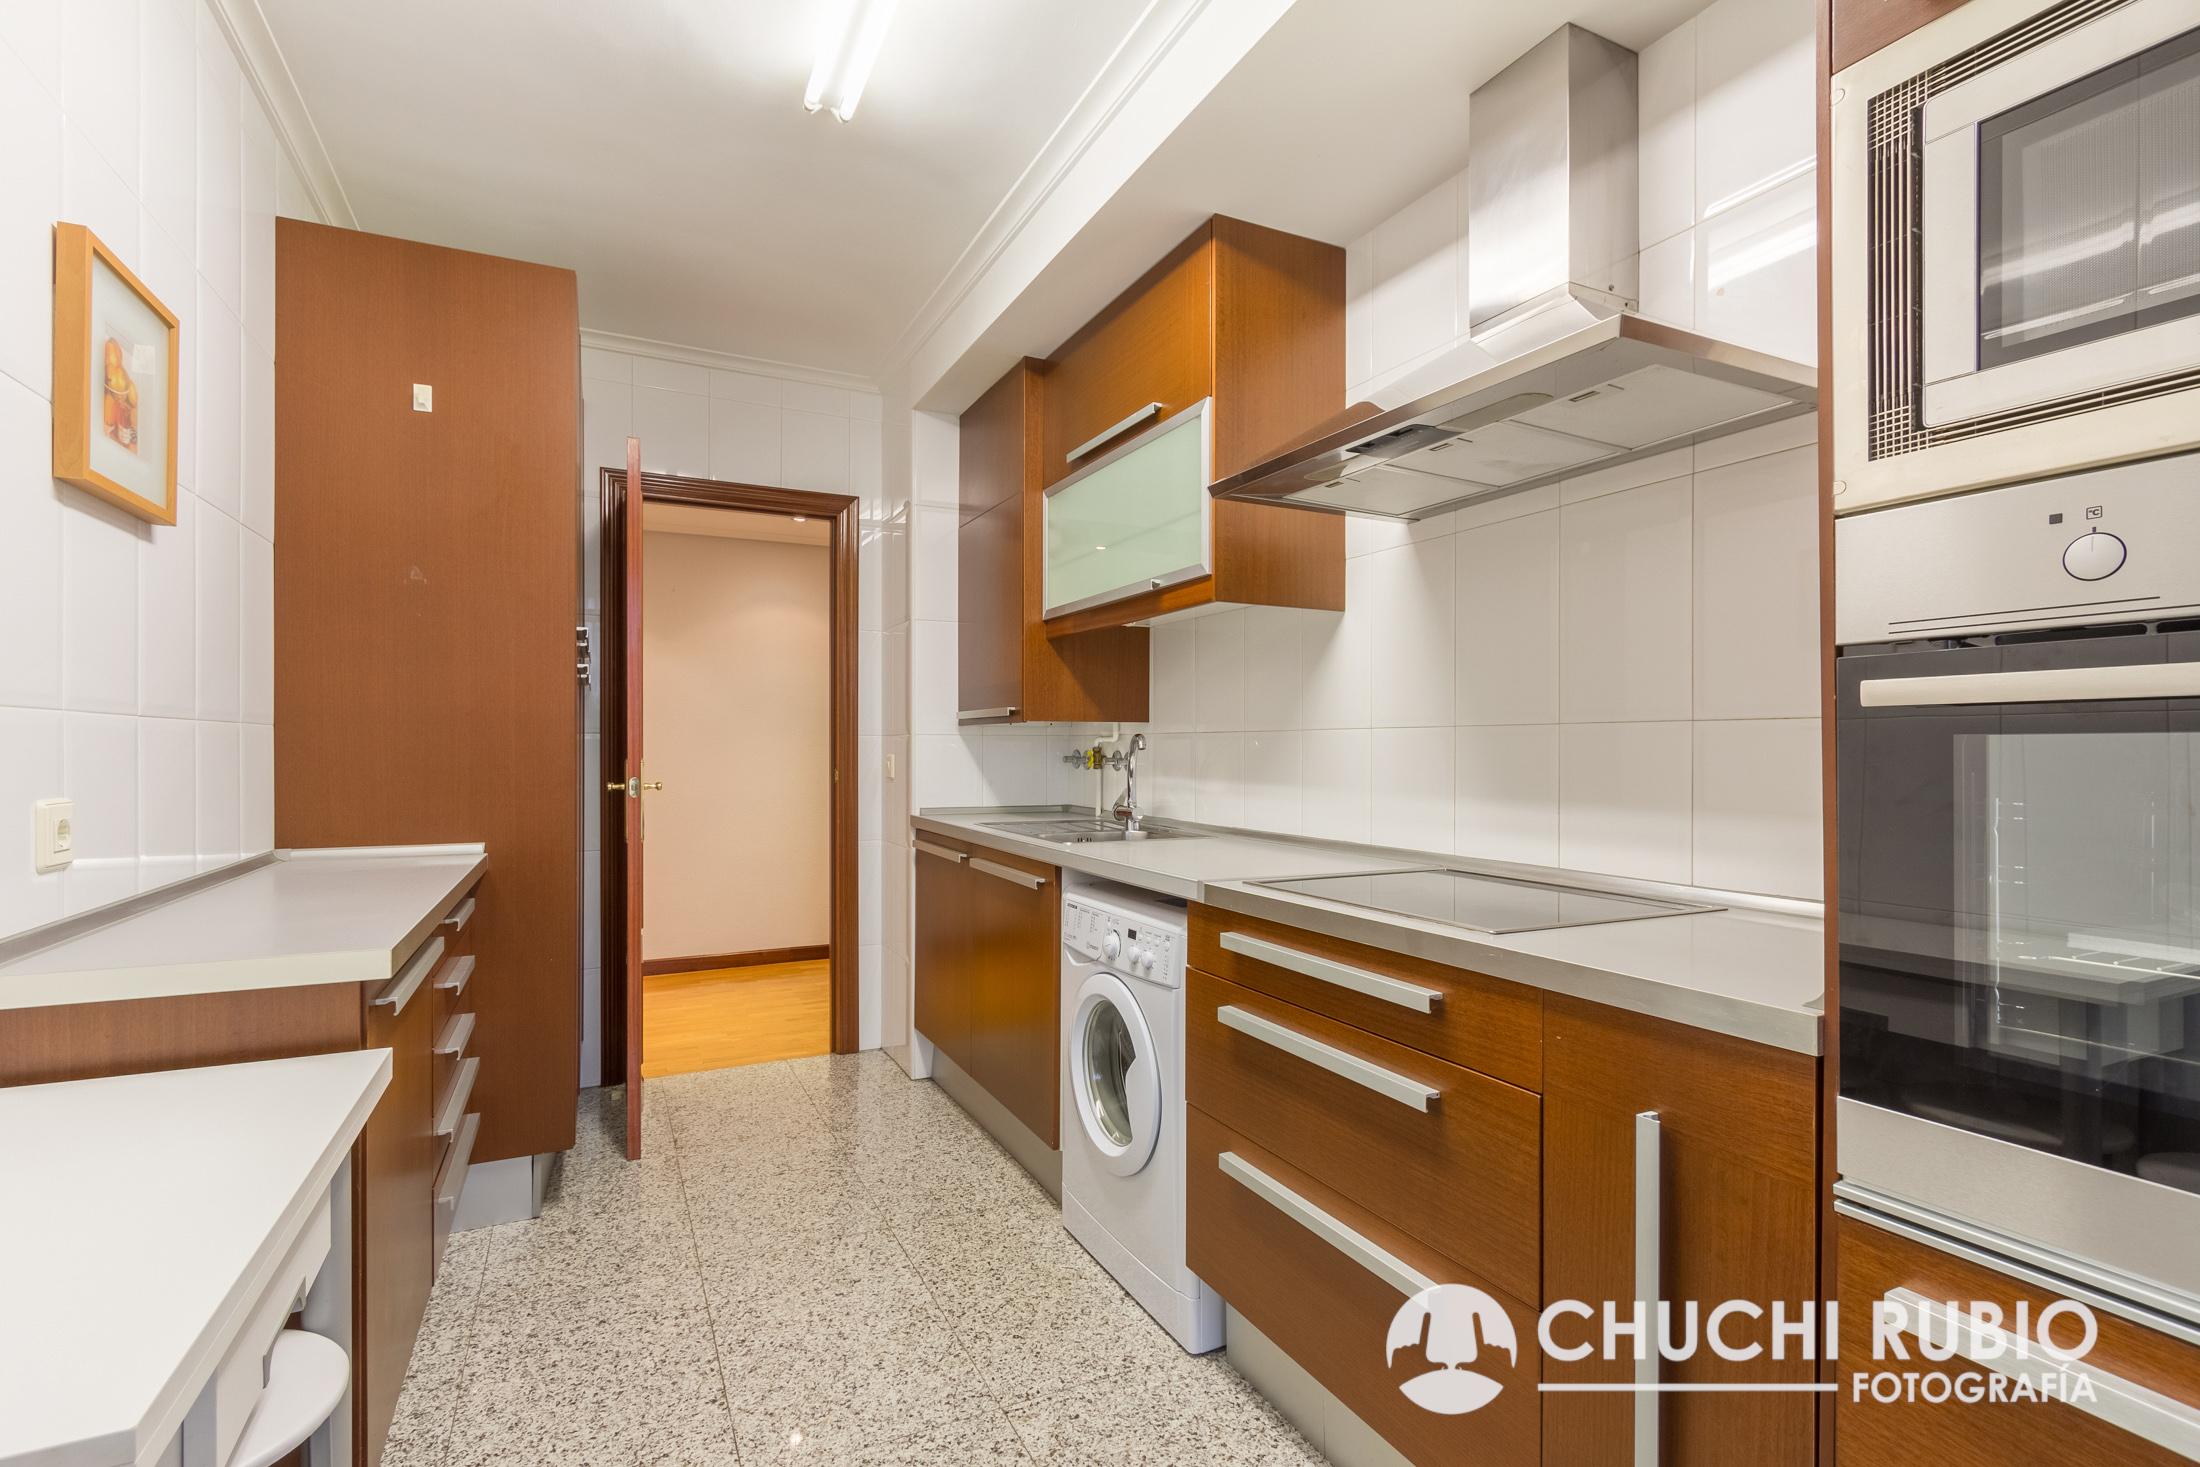 IMG 1073 HDR - Fotografía para Inmobiliarias, venta de pisos, locales...